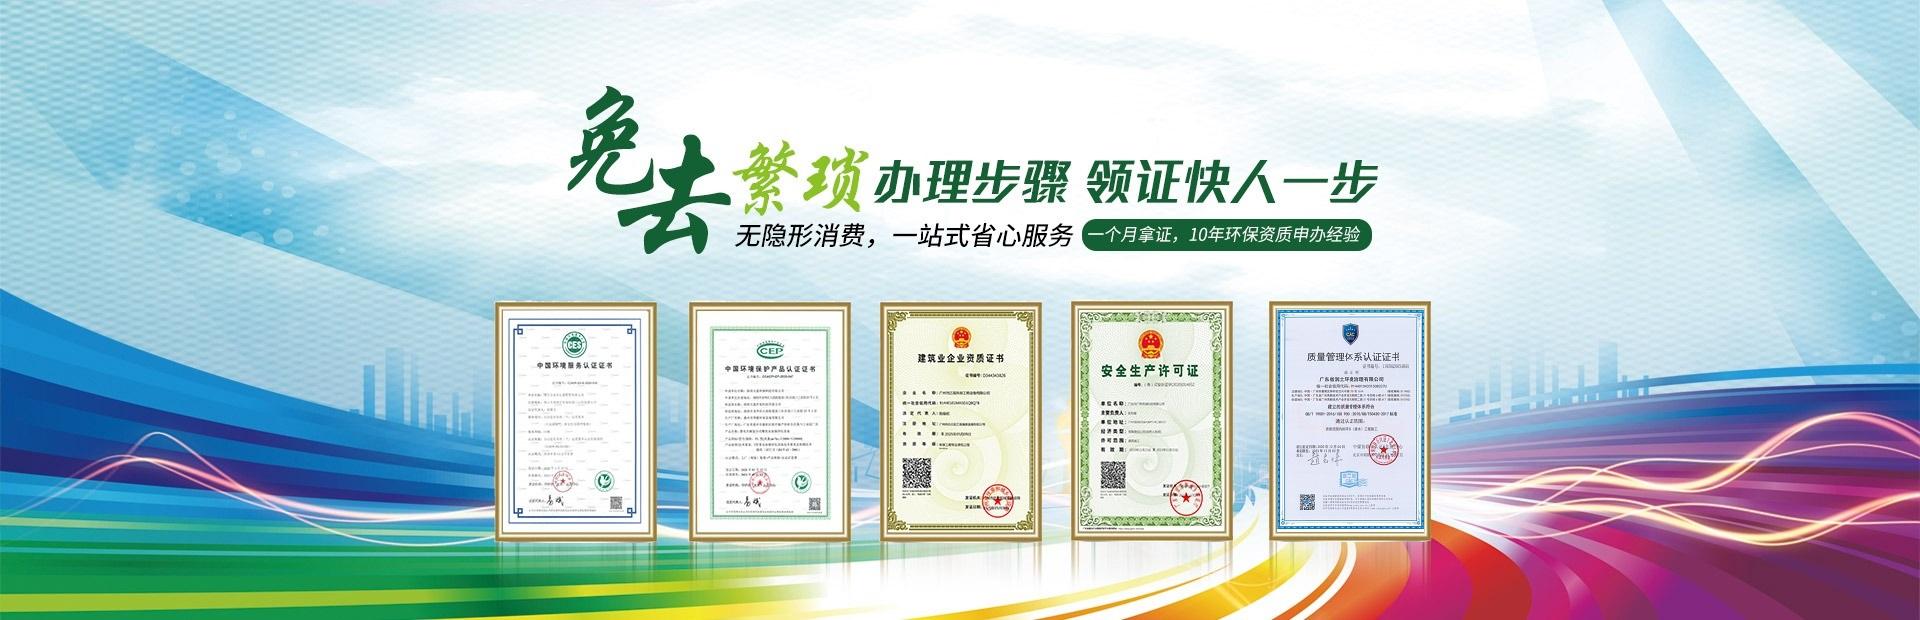 广州泰融生态环保科技有限公司,免去繁琐办理步骤,领证快人一步 无隐形消费,一站式省心服务